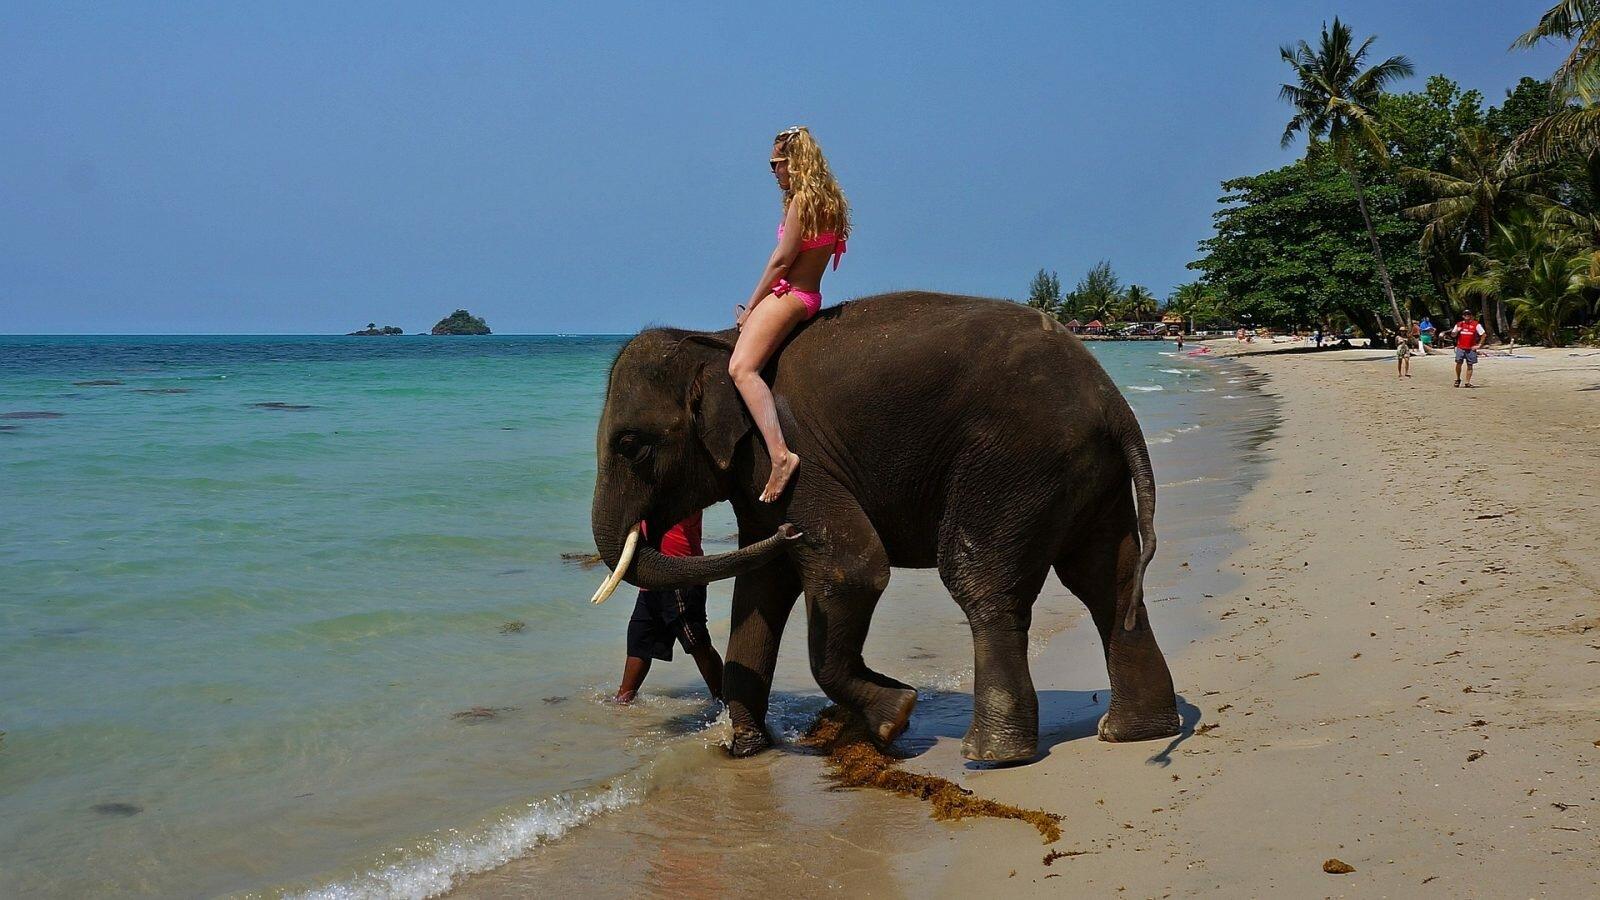 Таиланд страна для путешествий и отдыха